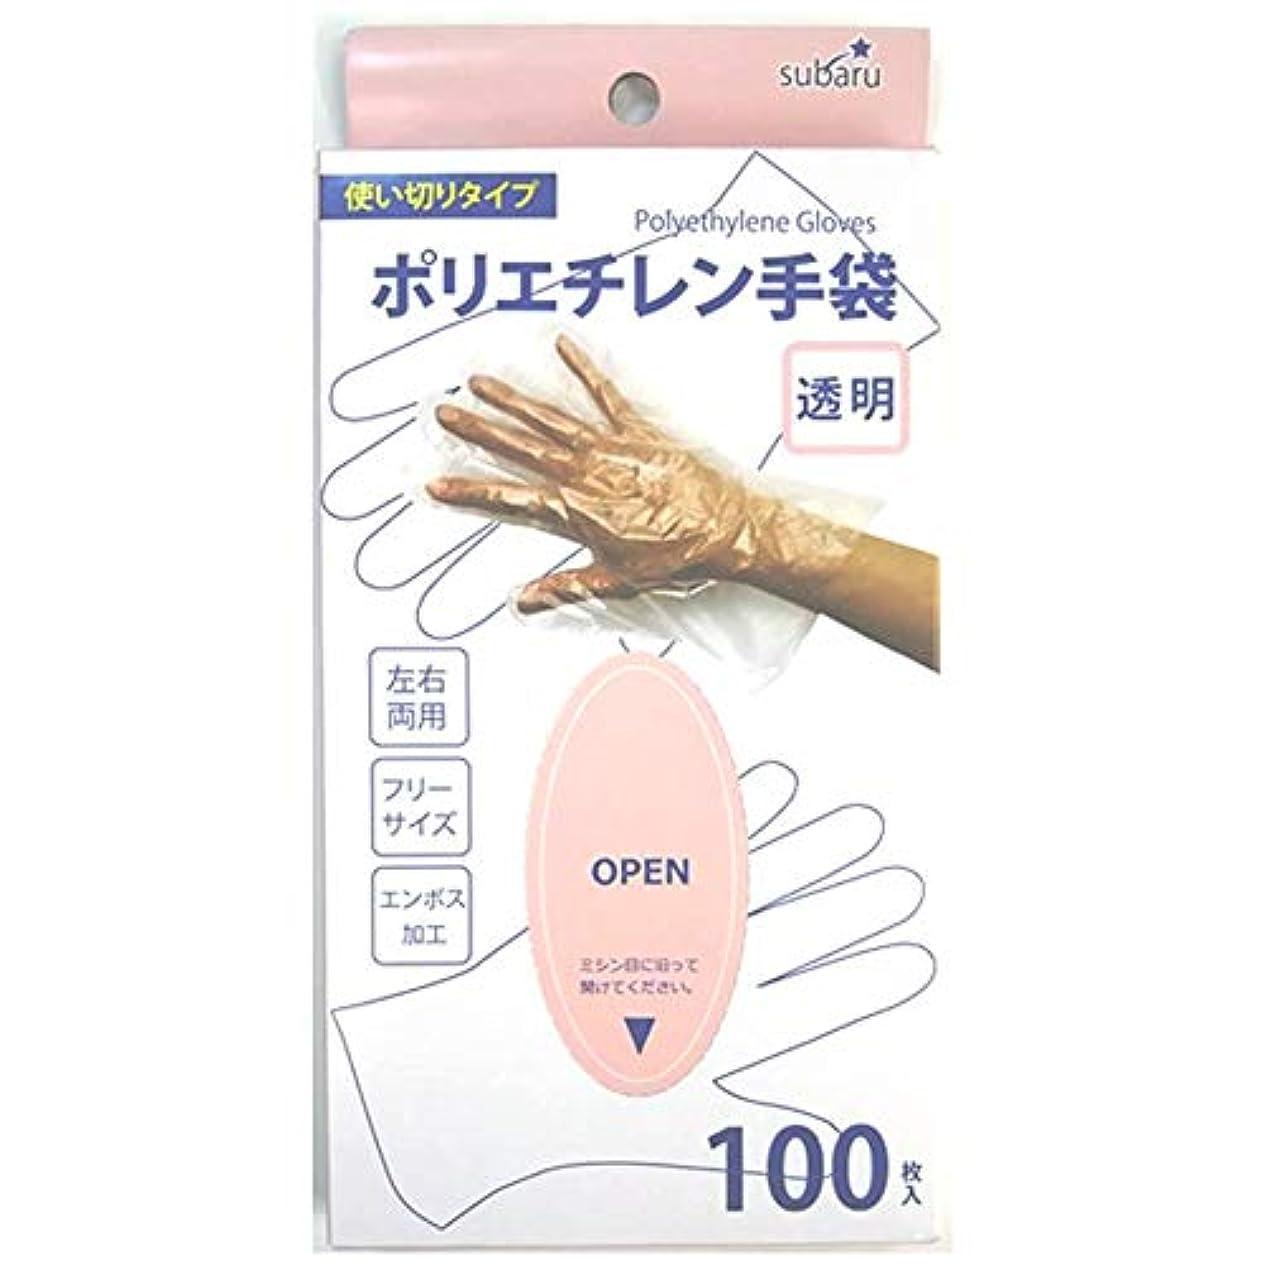 咳ビート閉塞ポリエチレン手袋 透明100枚入 227-29【まとめ買い12個セット】